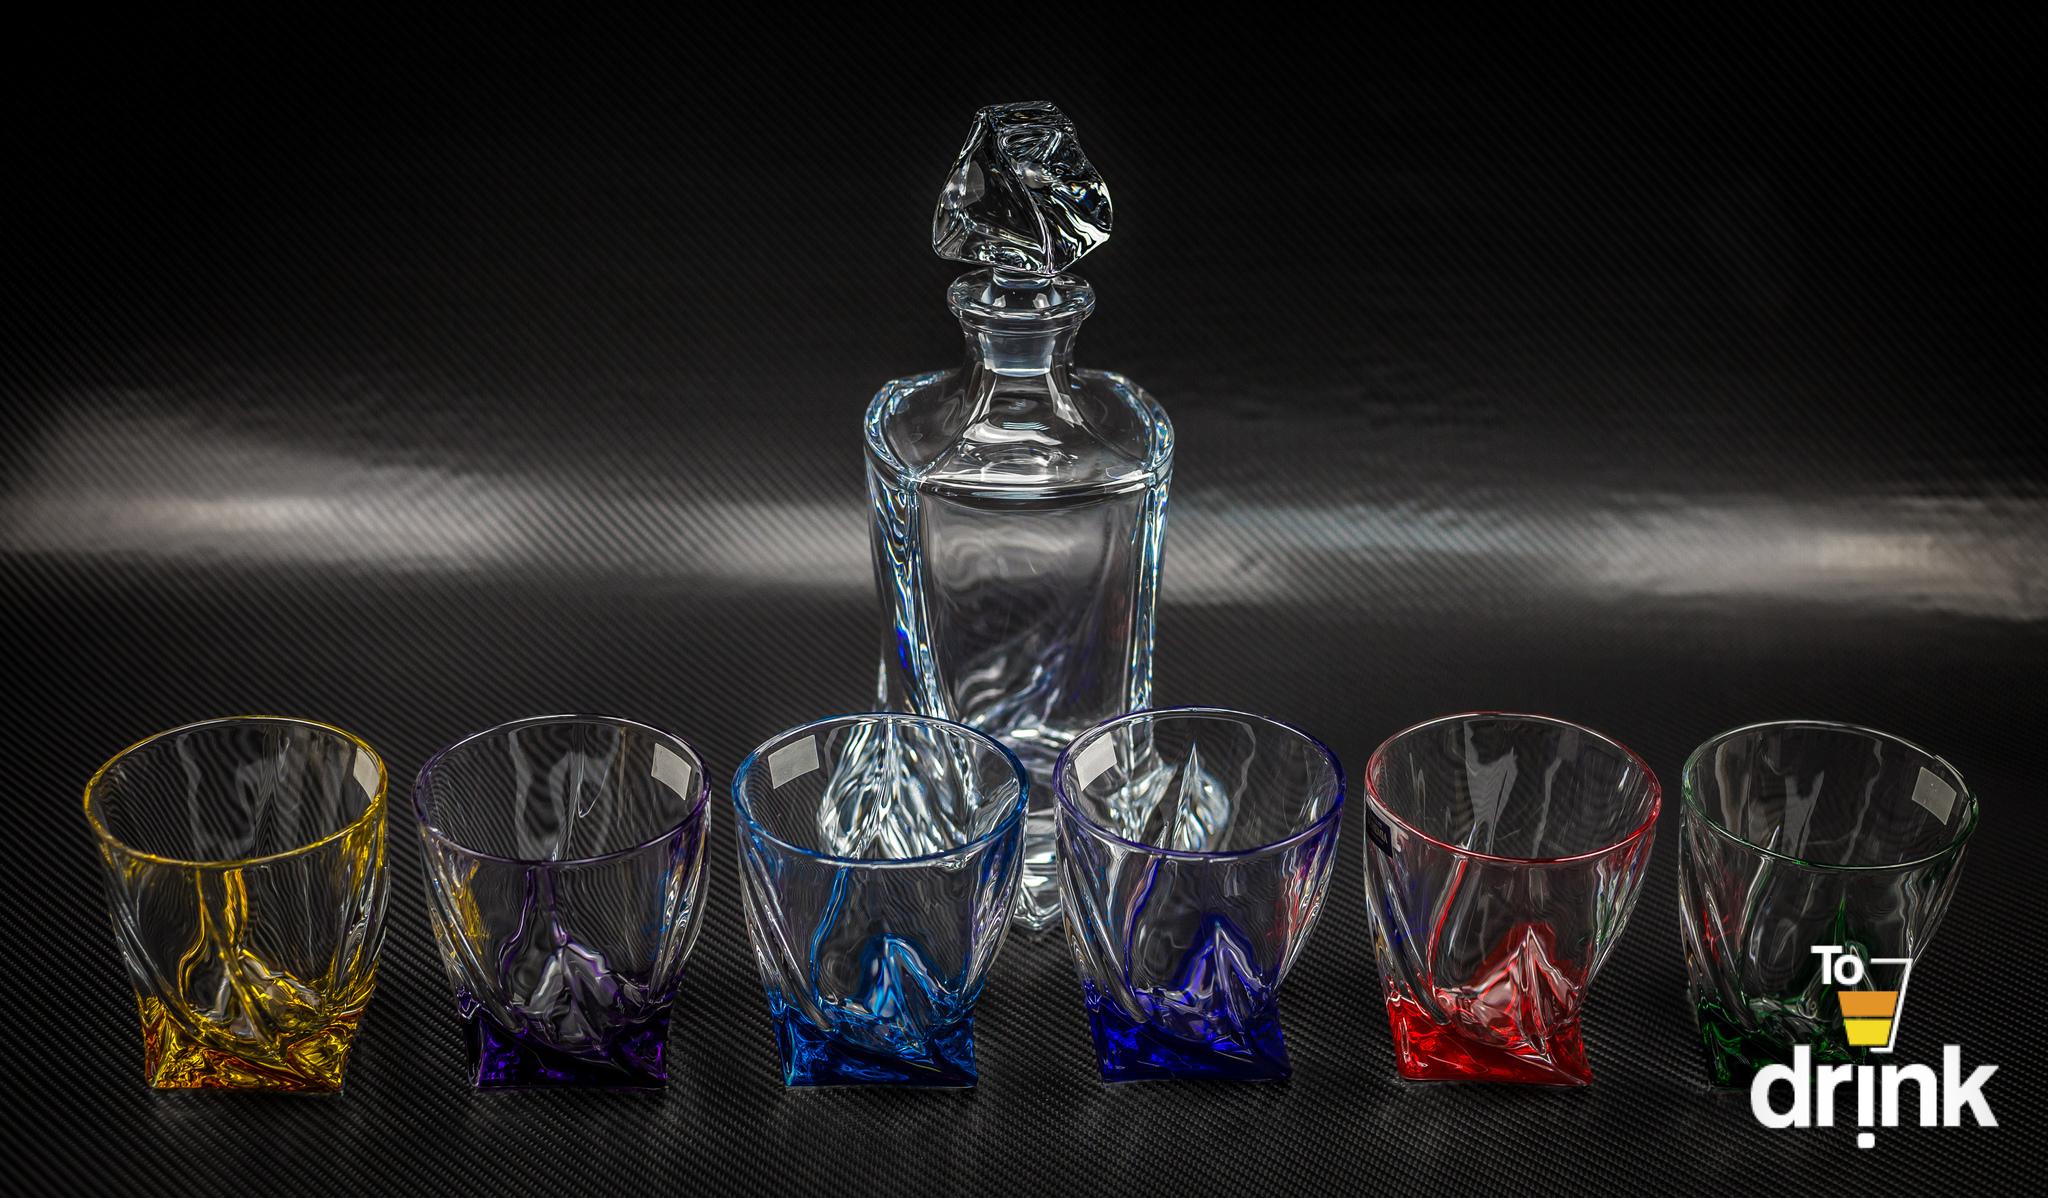 Набор для виски QUADRO Ассорти, 1 штоф и 6 бокалов гамма набор из 6 бокалов для виски регина